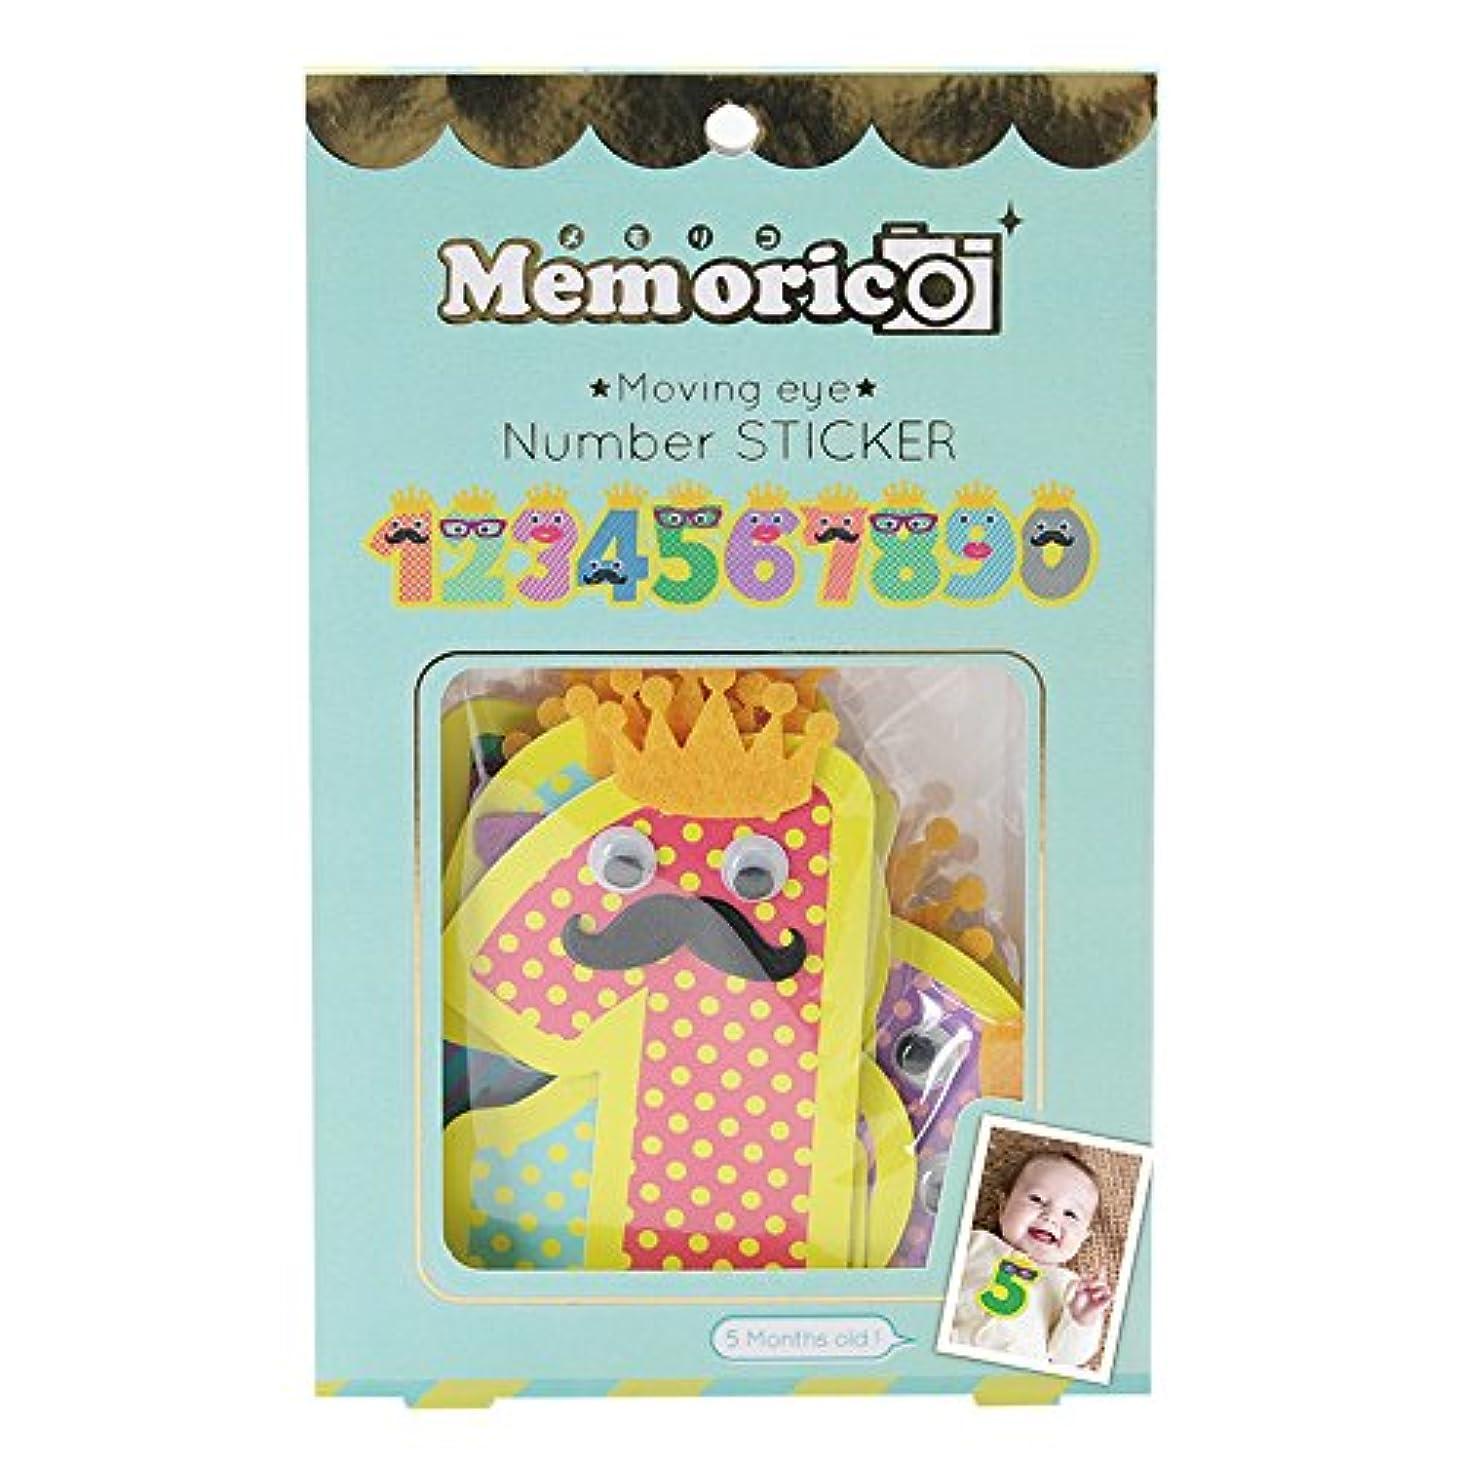 透過性言語学新しい意味ノルコーポレーション メモリコ memorico ムービングeye ナンバーステッカー 10pcsセット